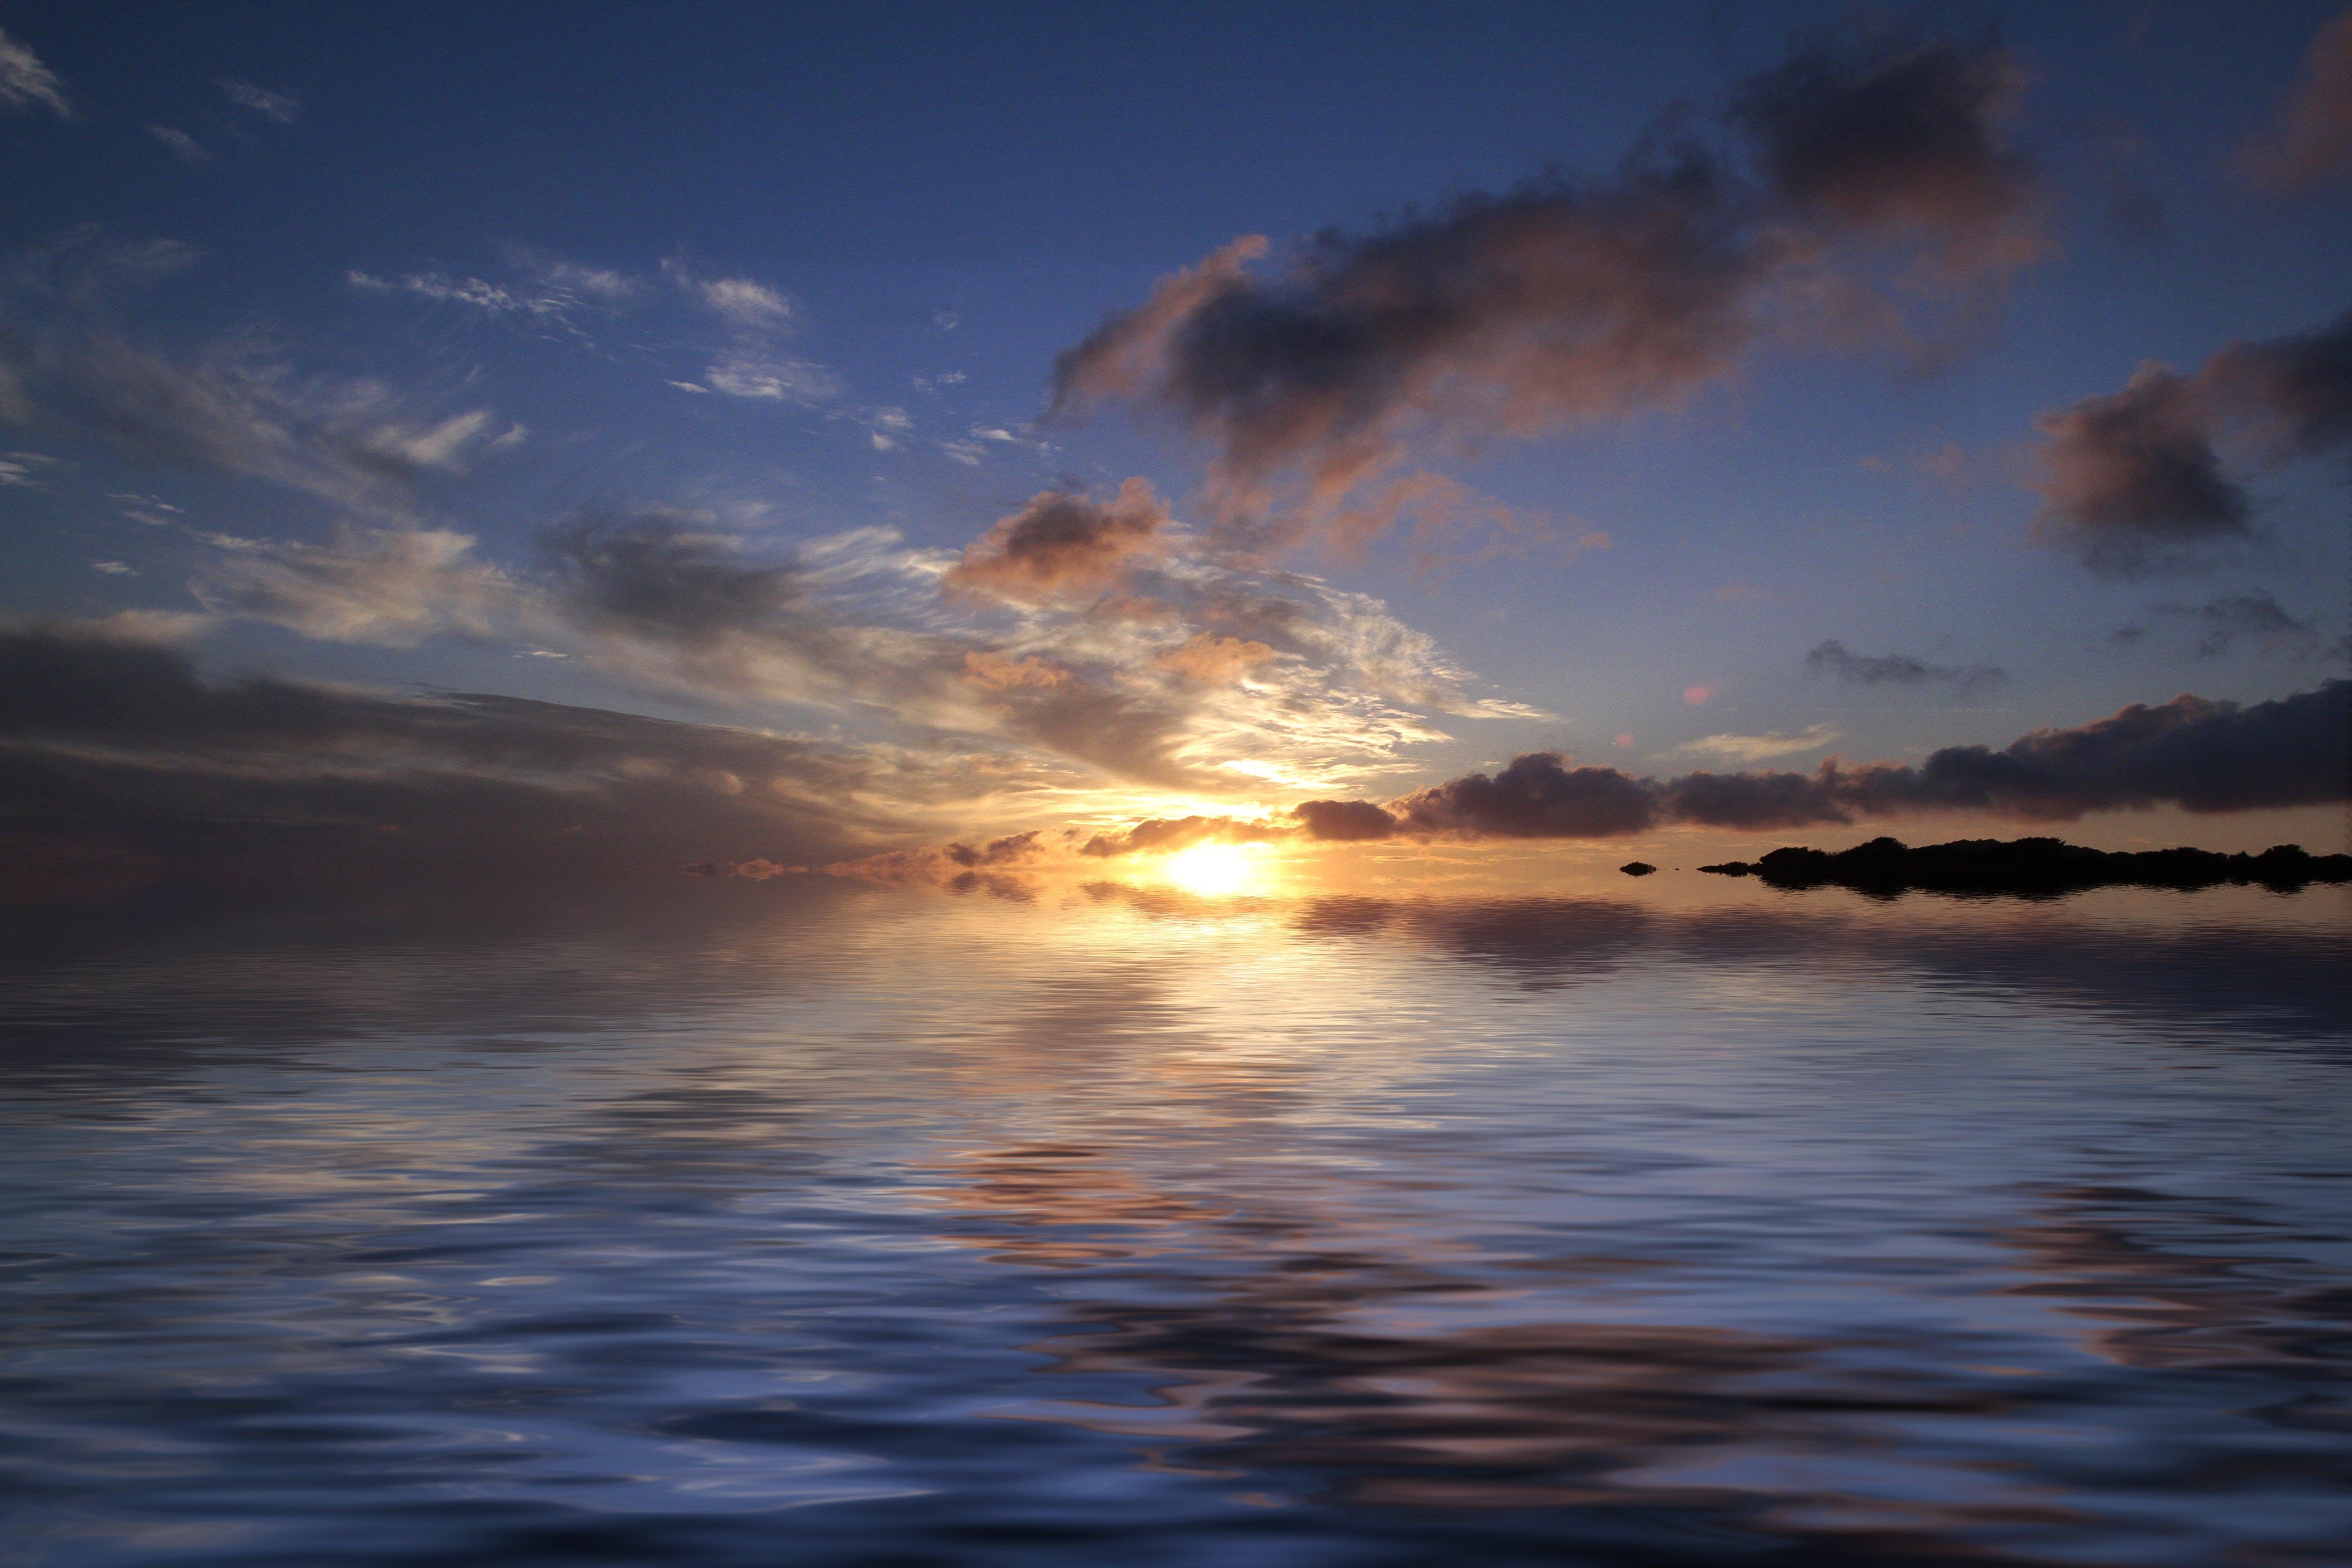 Sea Near Island during Sunset